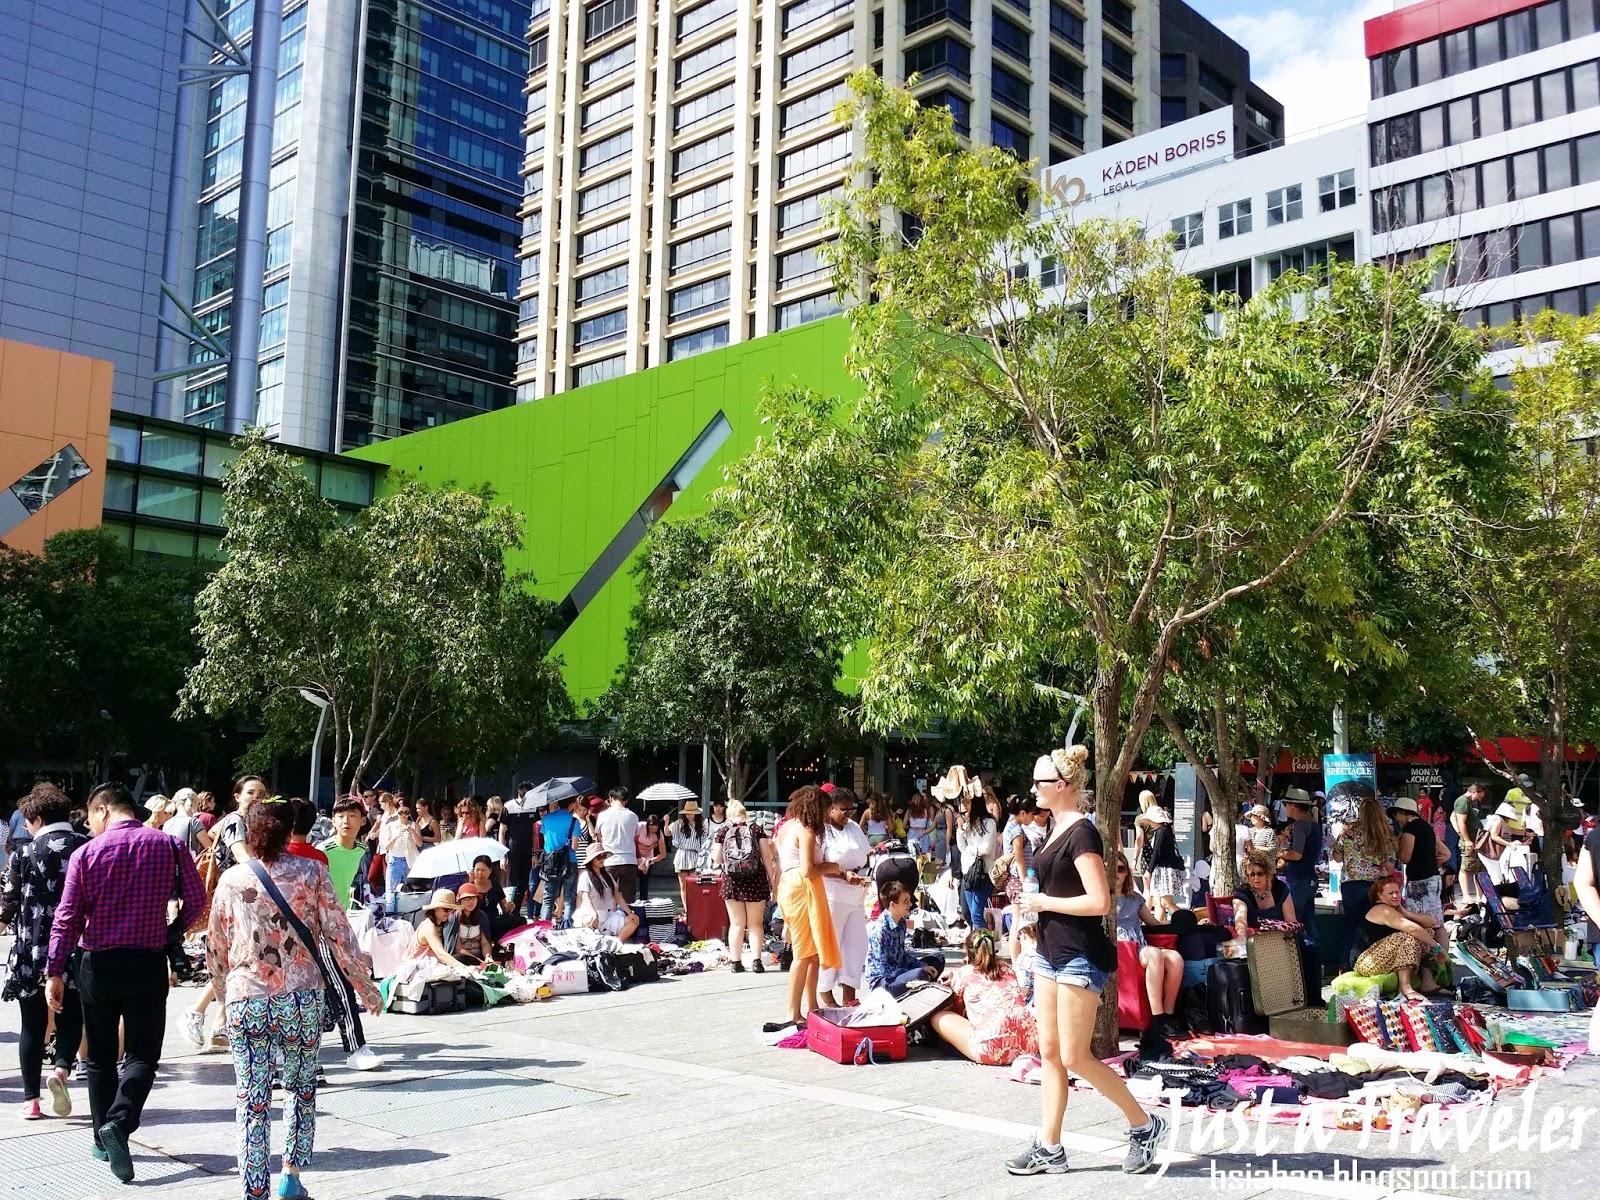 布里斯本-景點-推薦-皇后街-女王街-市集-圖書館-旅遊-自由行-澳洲-Brisbane-Queen-Street-Travel-Tourist-Attraction-Australia